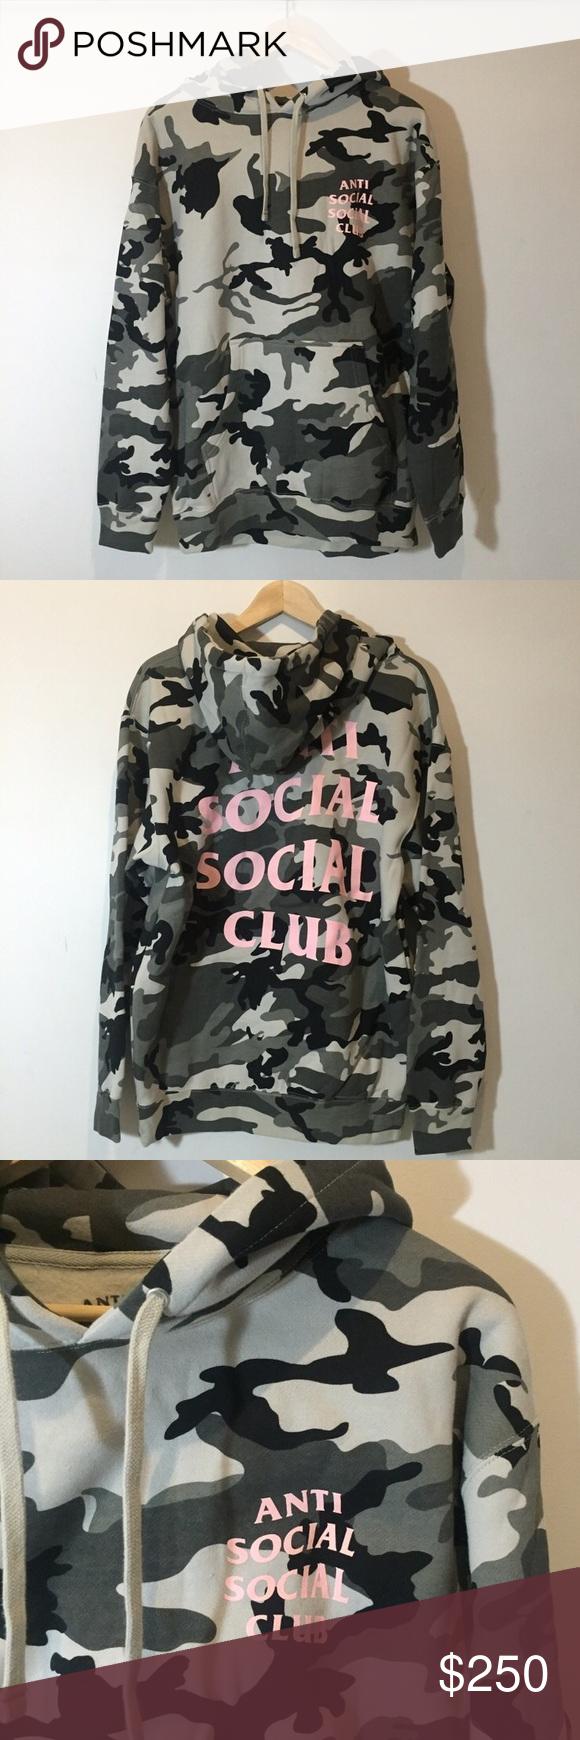 82f72cfee Anti Social Social Club